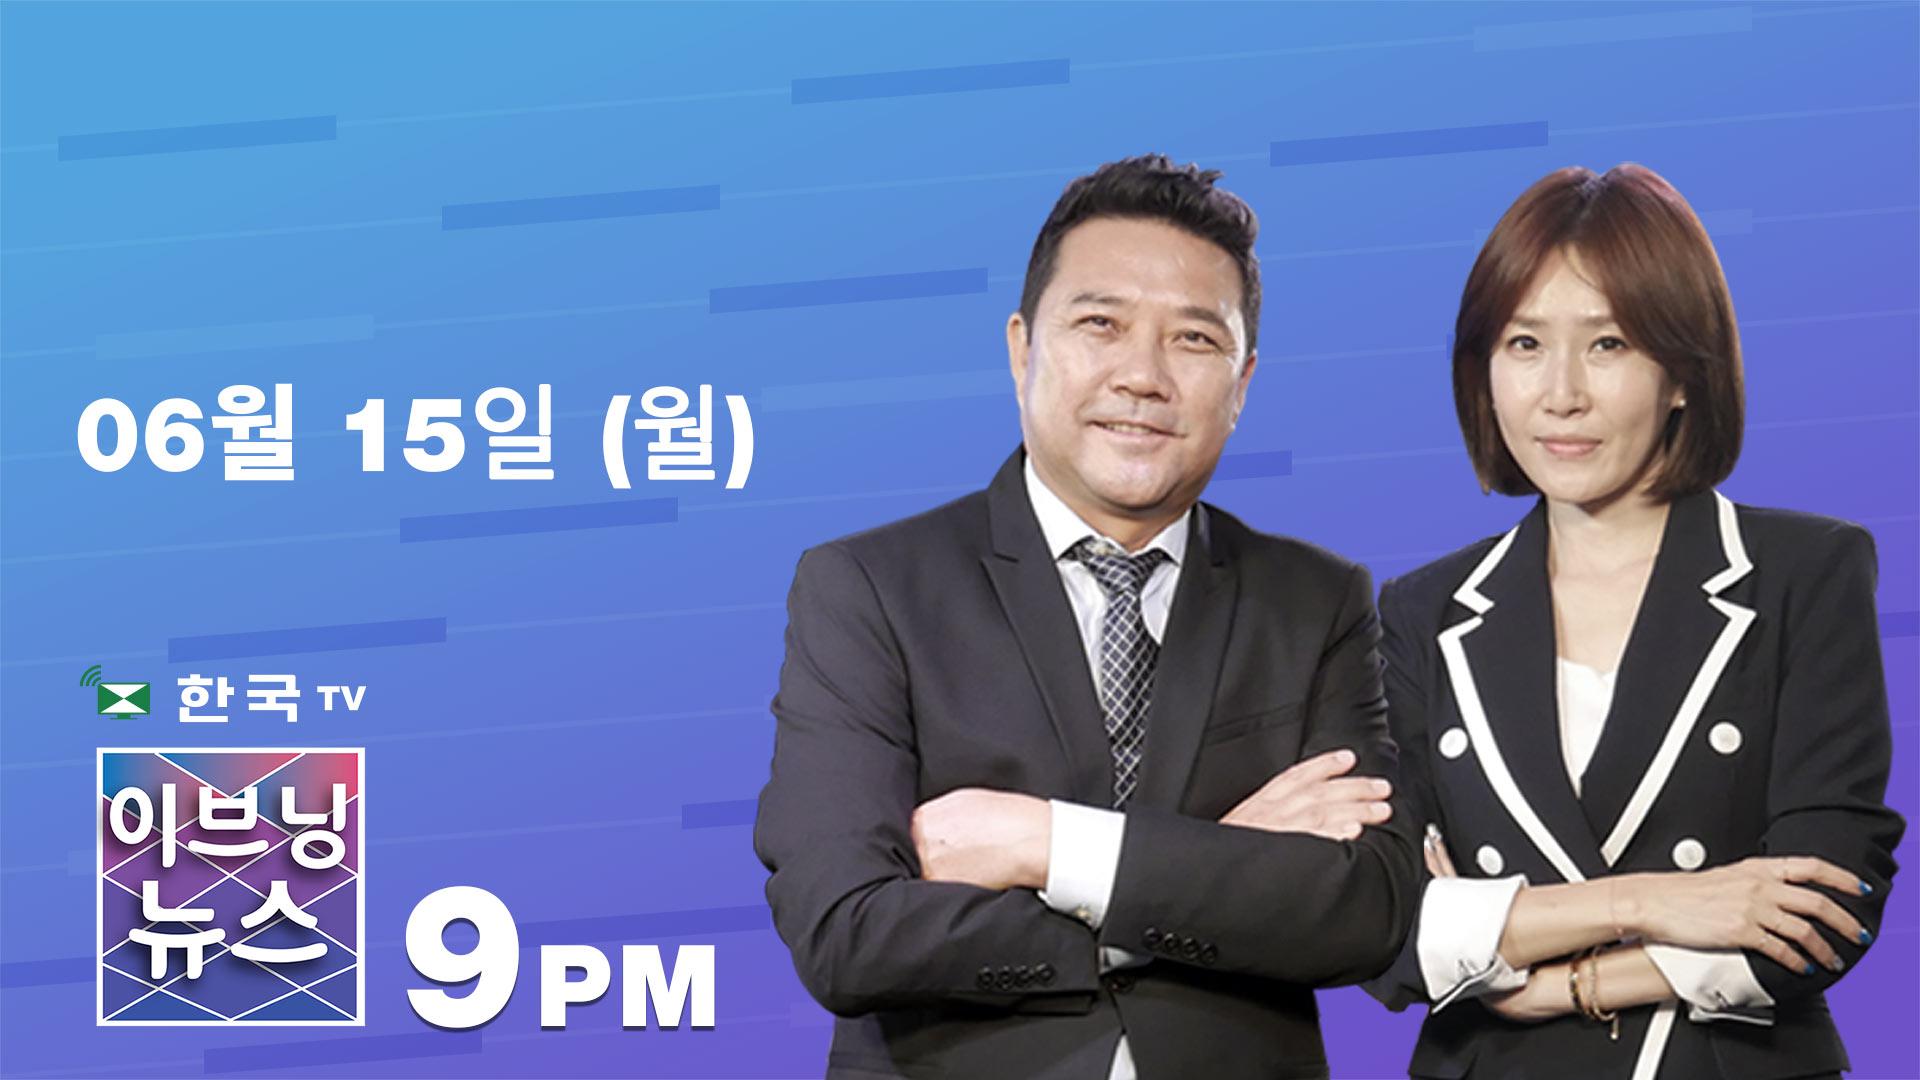 (06.15.2020) 한국TV 이브닝 뉴스